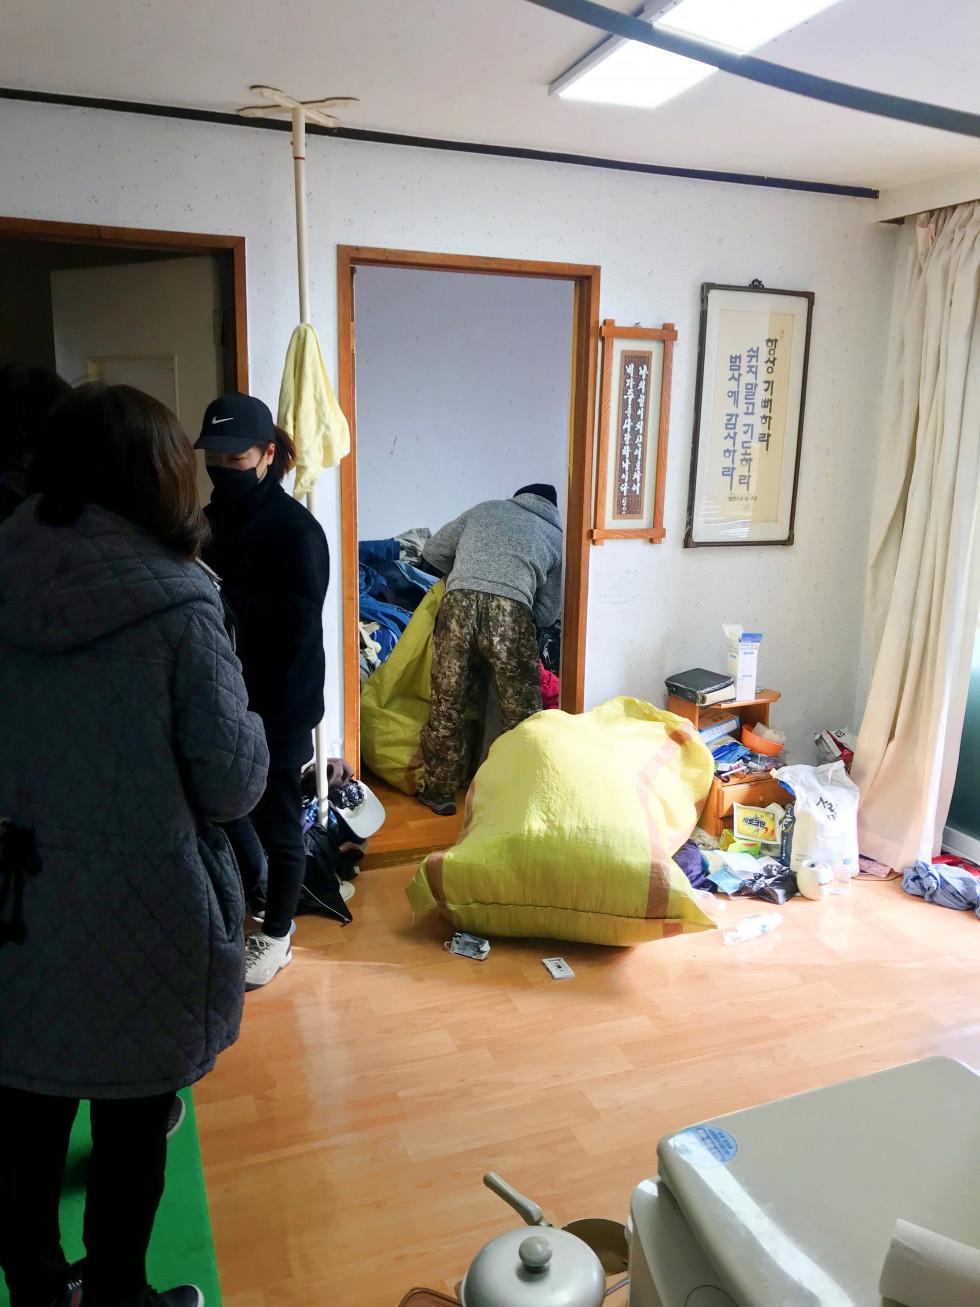 방안에서 쓰레기를 담아 마대포대에 담는 모습입니다.